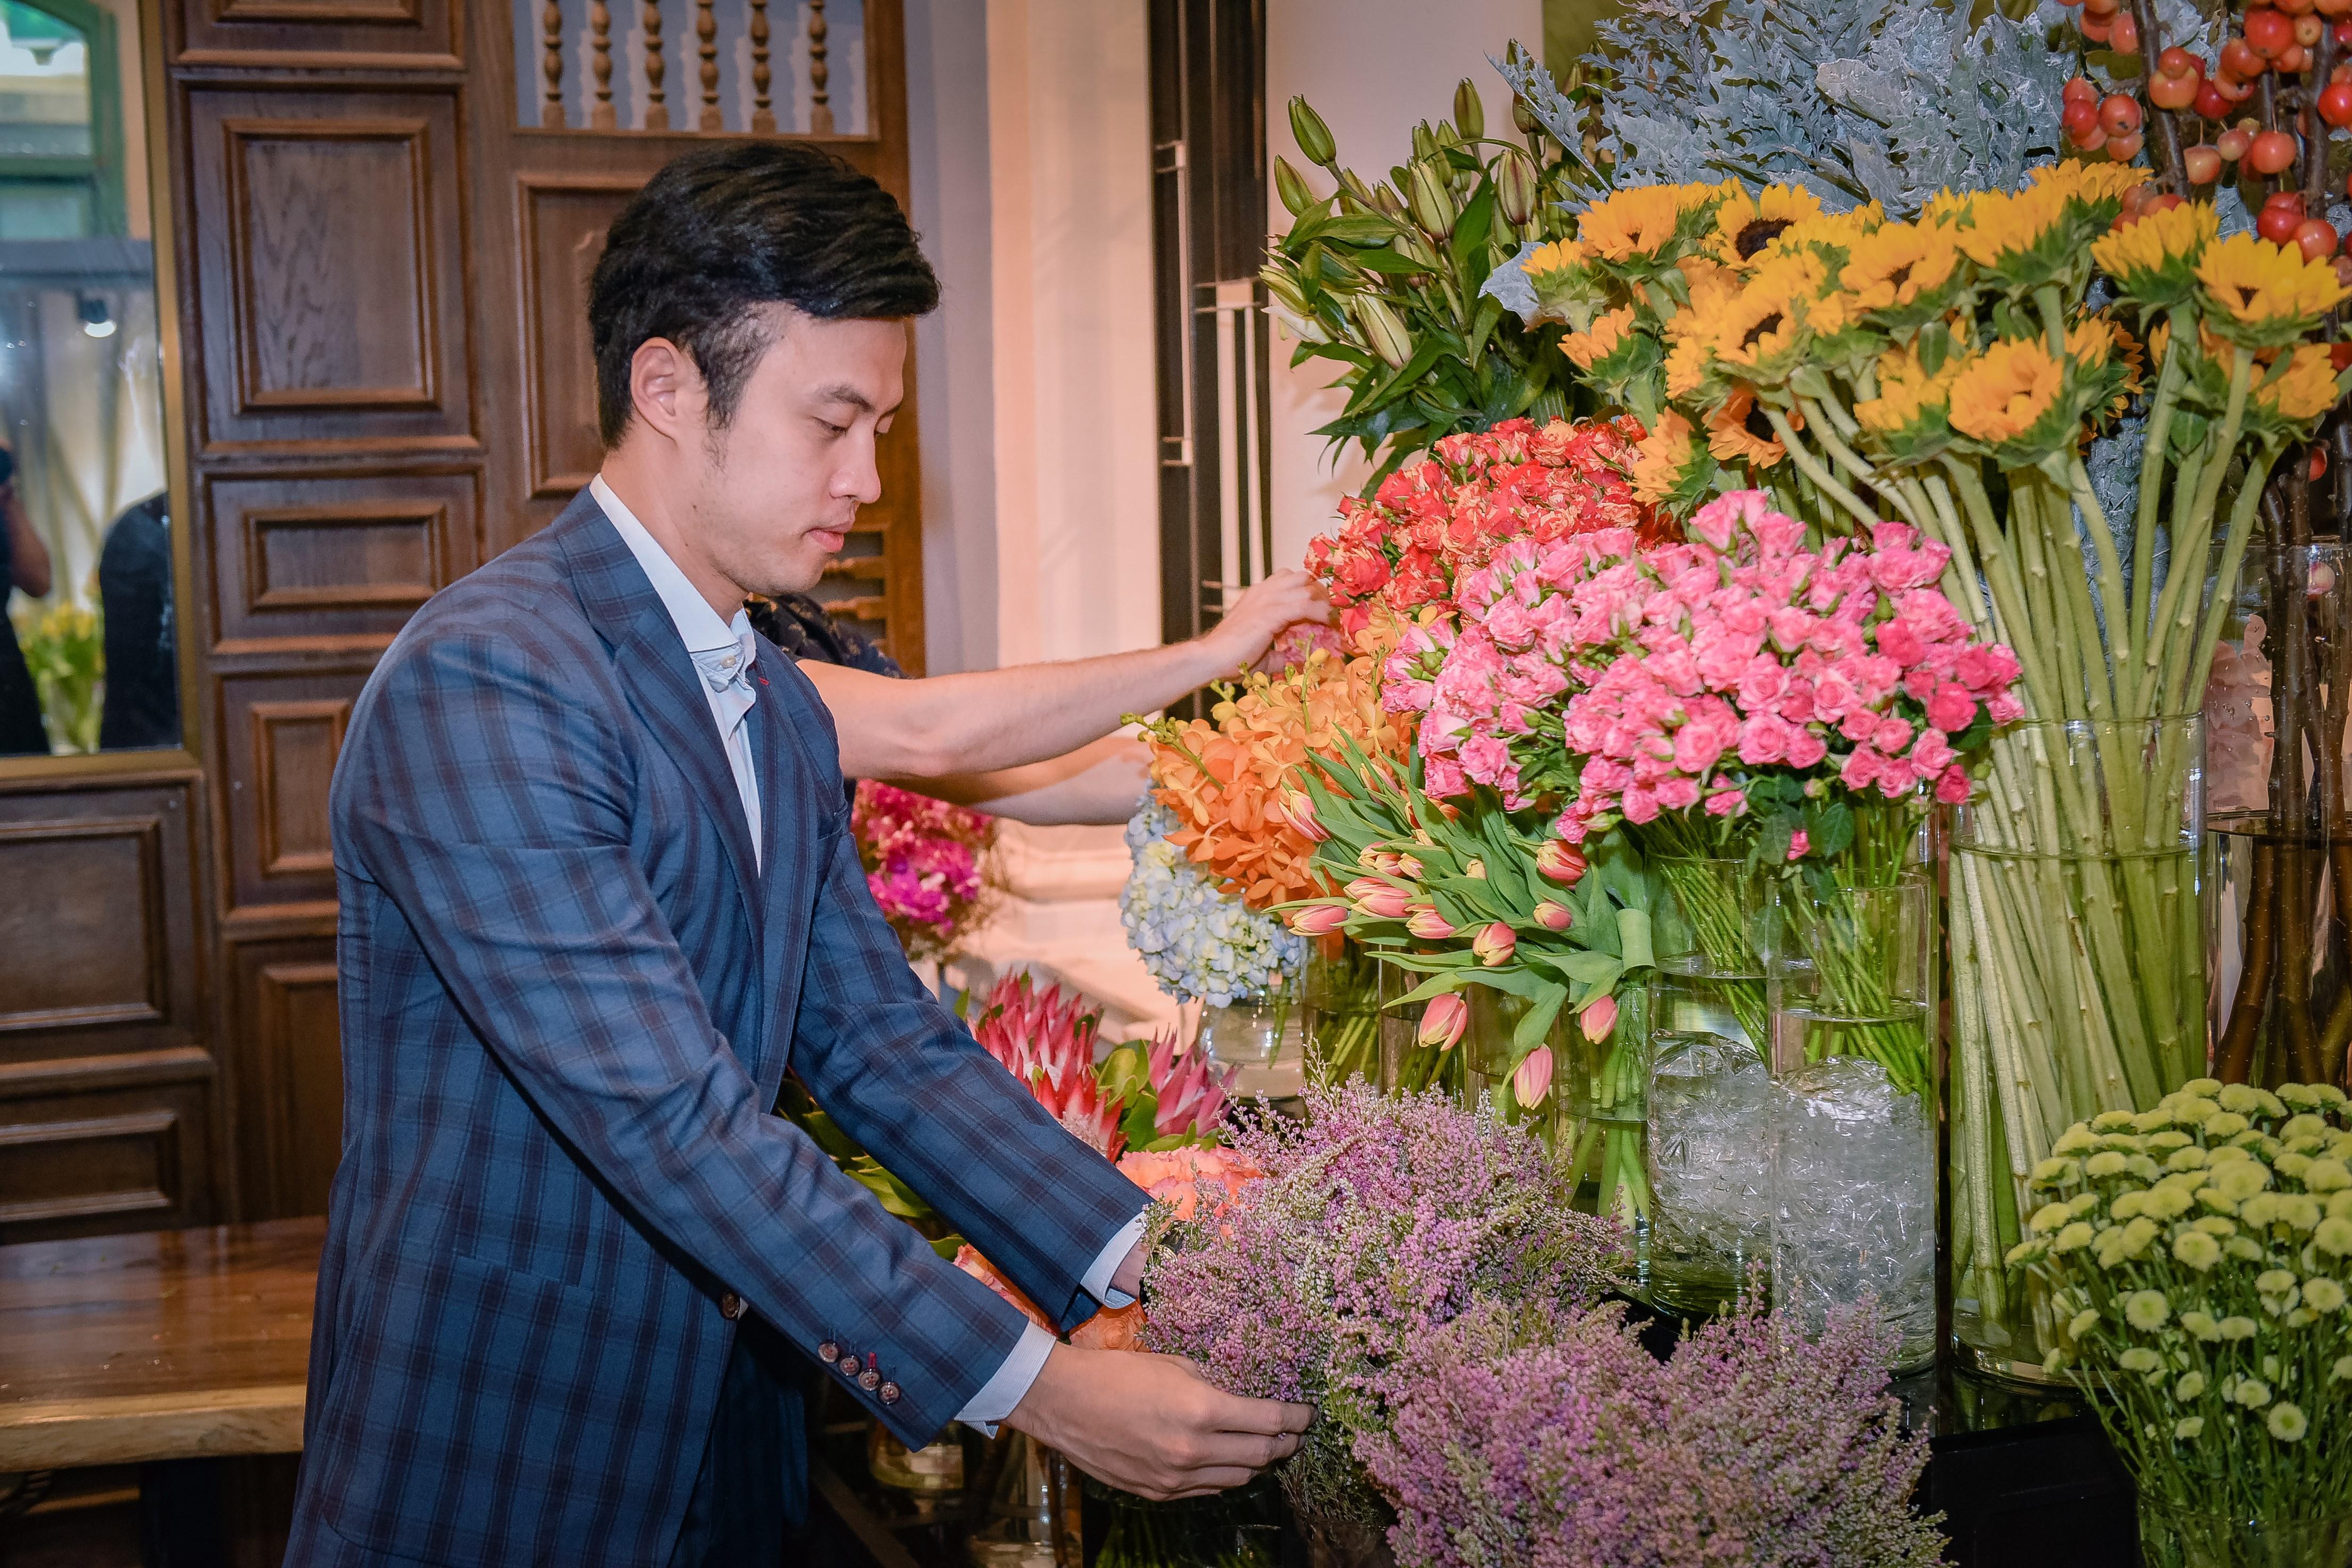 Dịp 20/10, Shark Khoa mở thương hiệu hoa mới bán 24/7 cho phái đẹp - Ảnh 1.